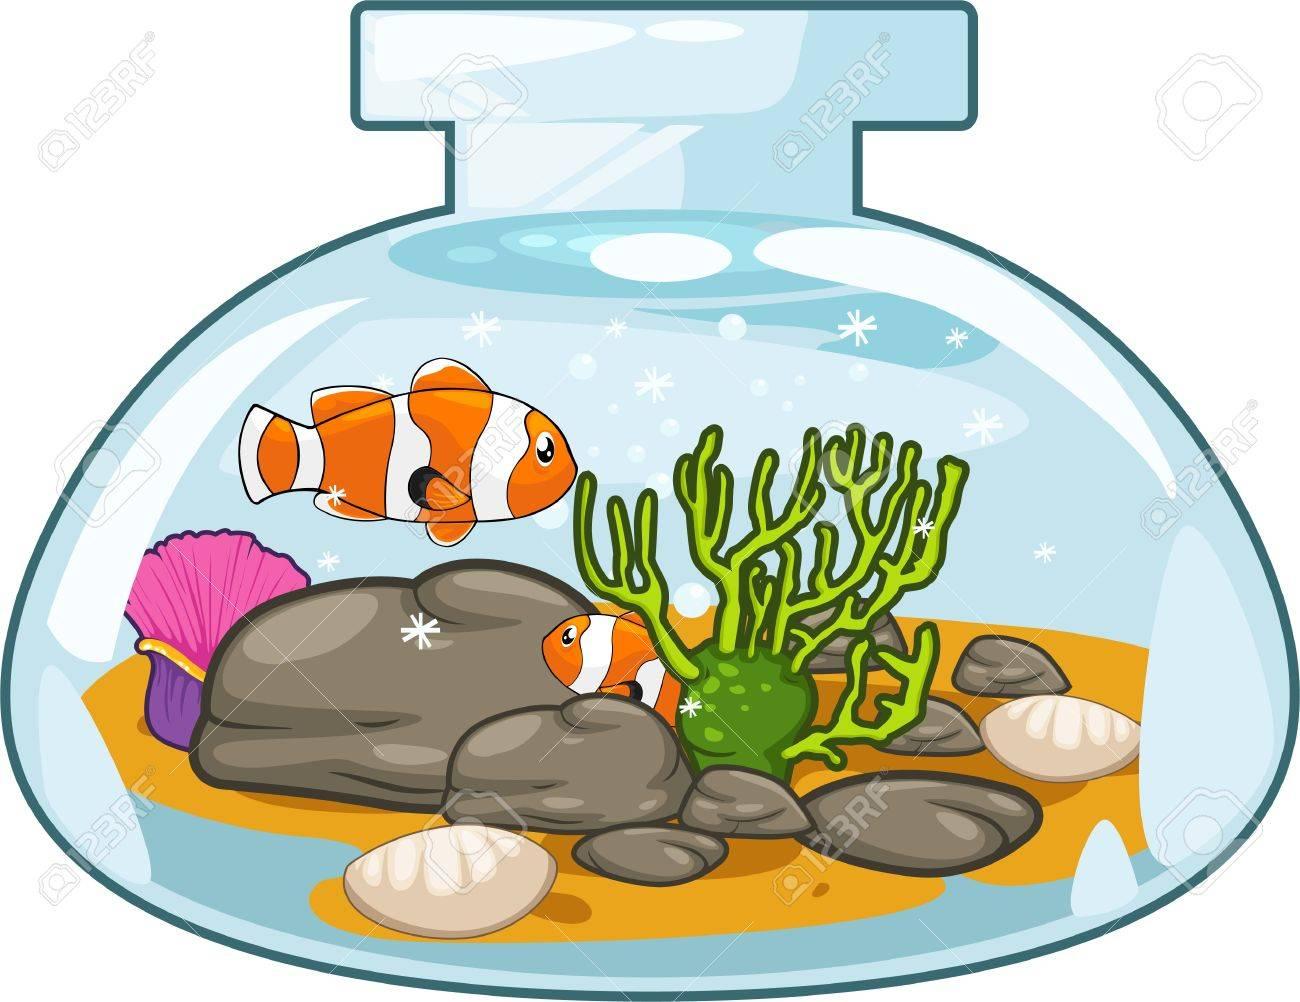 Fish tank clipart - Aquarium Background Illustration Aquarium Illustration